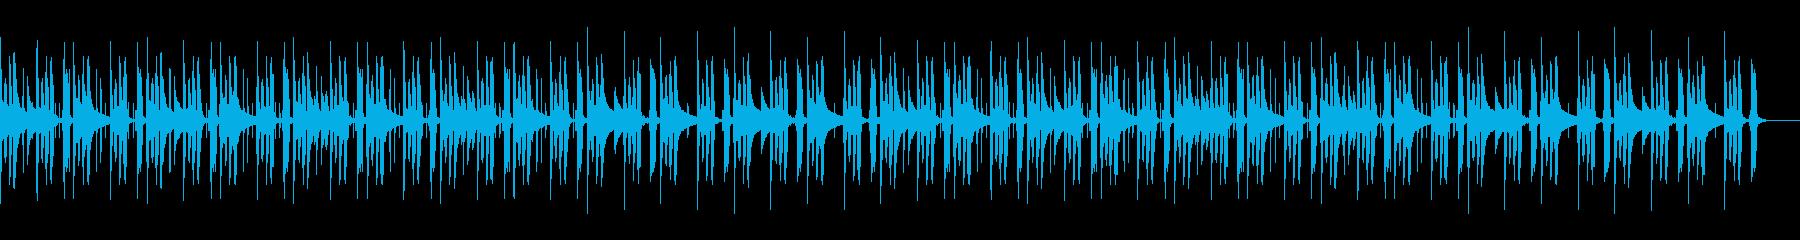 海外洋画風・チルアウト・おしゃれの再生済みの波形